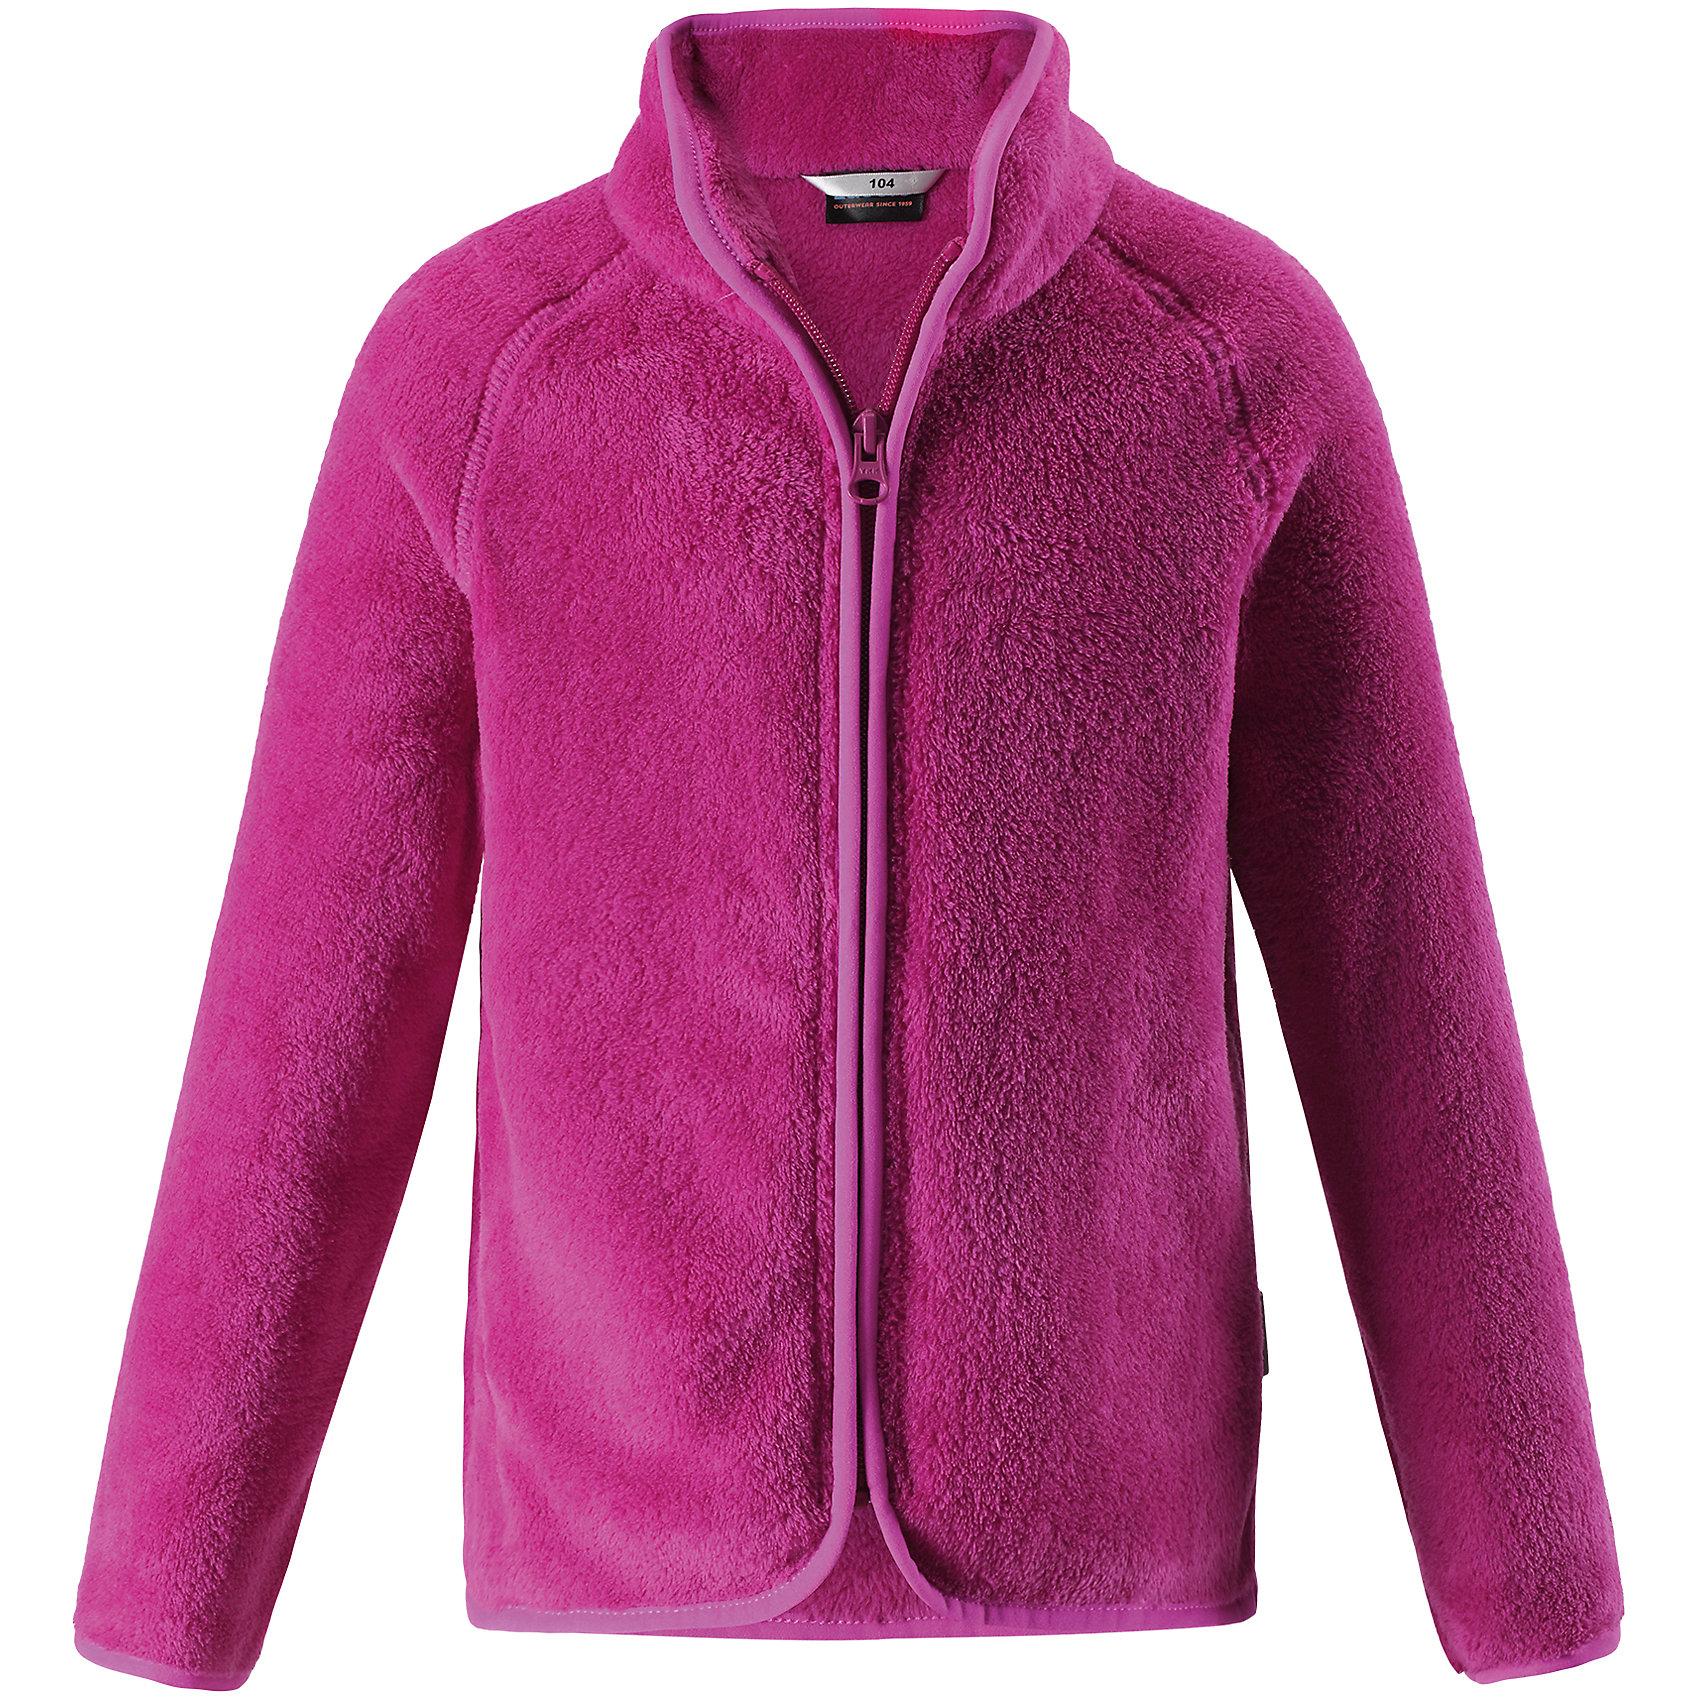 Флисовая кофта LassieОдежда<br>Характеристики товара:<br><br>• цвет: розовый;<br>• состав: 100% полиэстер, флис 260 г/м2;<br>• сезон: зима;<br>• застежка: молния по всей длине;<br>• выводит влагу в верхние слои одежды;<br>• простой в уходе материал, быстро сохнет; <br>• мягкий и удобный, пушистый флисовый материал;<br>• эластичная резинка на воротнике, манжетах и подоле; <br>• страна бренда: Финляндия;<br>• страна изготовитель: Китай;<br><br>Флисовая кофта – то, что надо! Флис – простой в уходе и быстросохнущий материал, который отводит влагу от кожи и отлично согревает, в нем маленькому любителю прогулок будет всегда тепло. А благодаря практичной молнии во всю длину спереди куртку легко надевать.<br><br>Флисовая кофта Lassie (Ласси) можно купить в нашем интернет-магазине.<br><br>Ширина мм: 190<br>Глубина мм: 74<br>Высота мм: 229<br>Вес г: 236<br>Цвет: розовый<br>Возраст от месяцев: 108<br>Возраст до месяцев: 120<br>Пол: Унисекс<br>Возраст: Детский<br>Размер: 122,128,134,140,92,98,104,110,116<br>SKU: 6927951